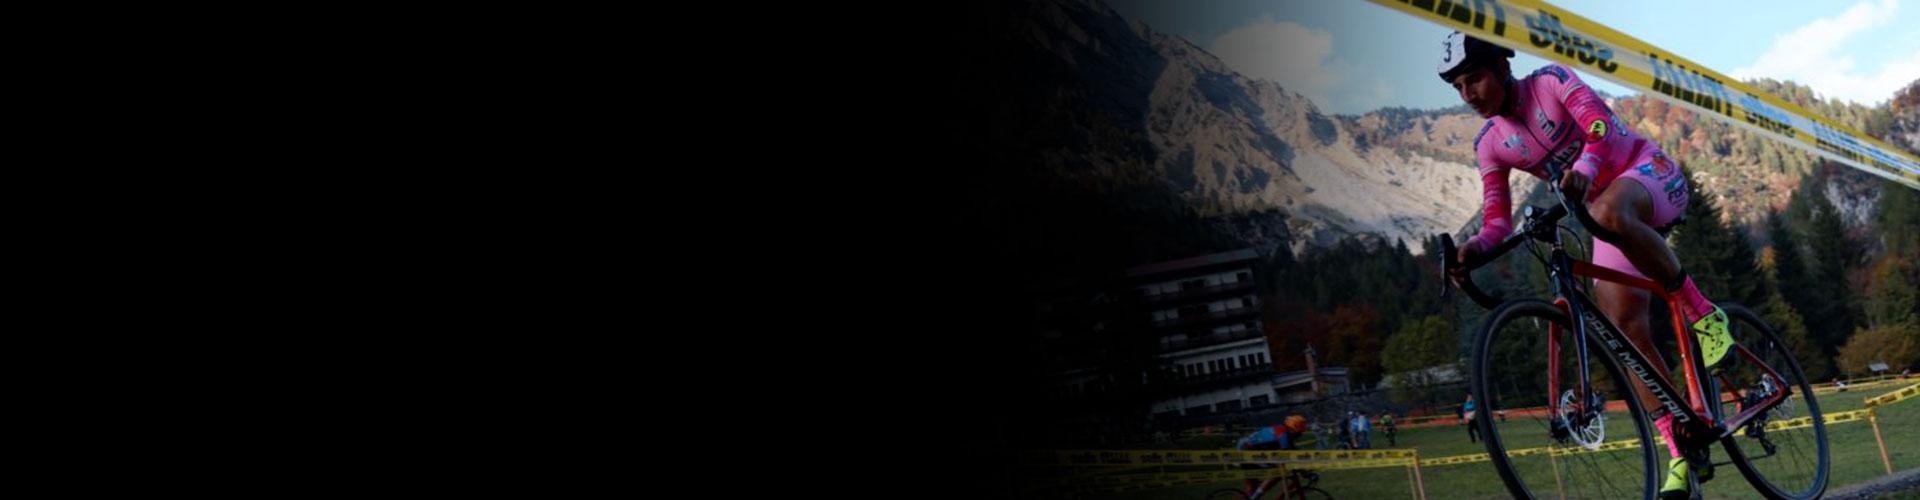 GIRO D'ITALIA CICLOCROSS27 ottobre3° TAPPA – Cantoria